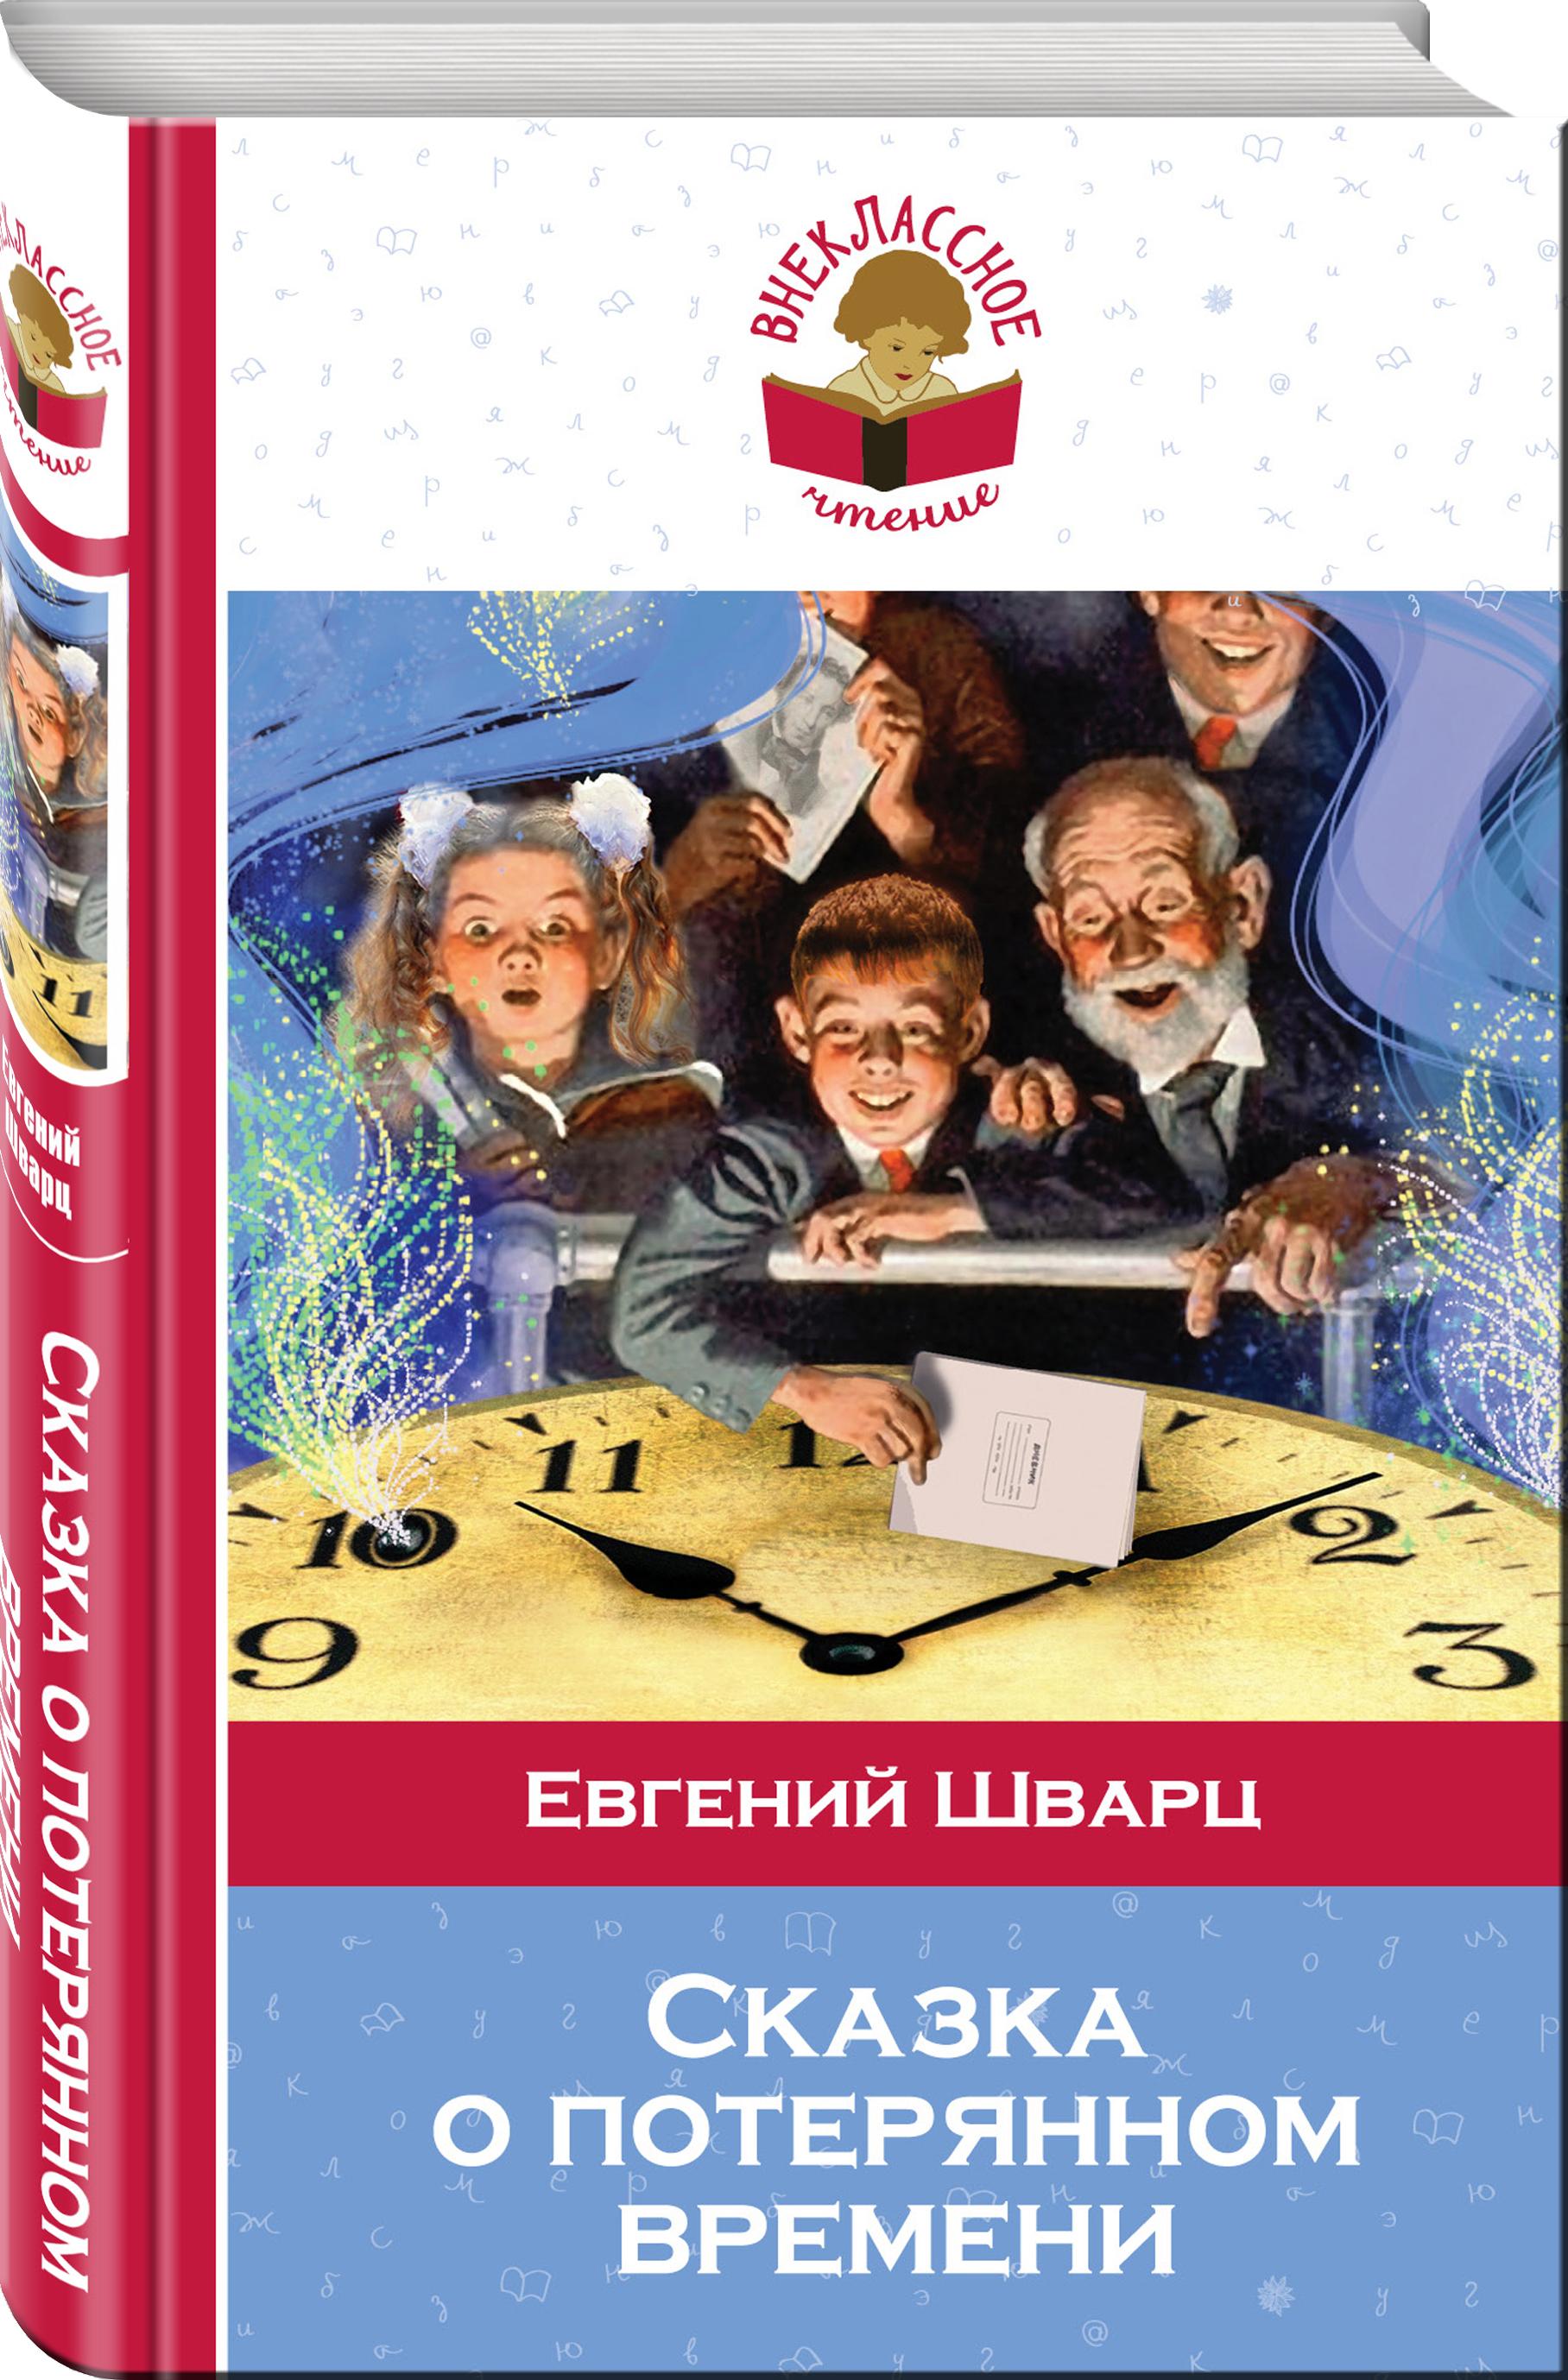 Евгений Шварц Сказка о потерянном времени